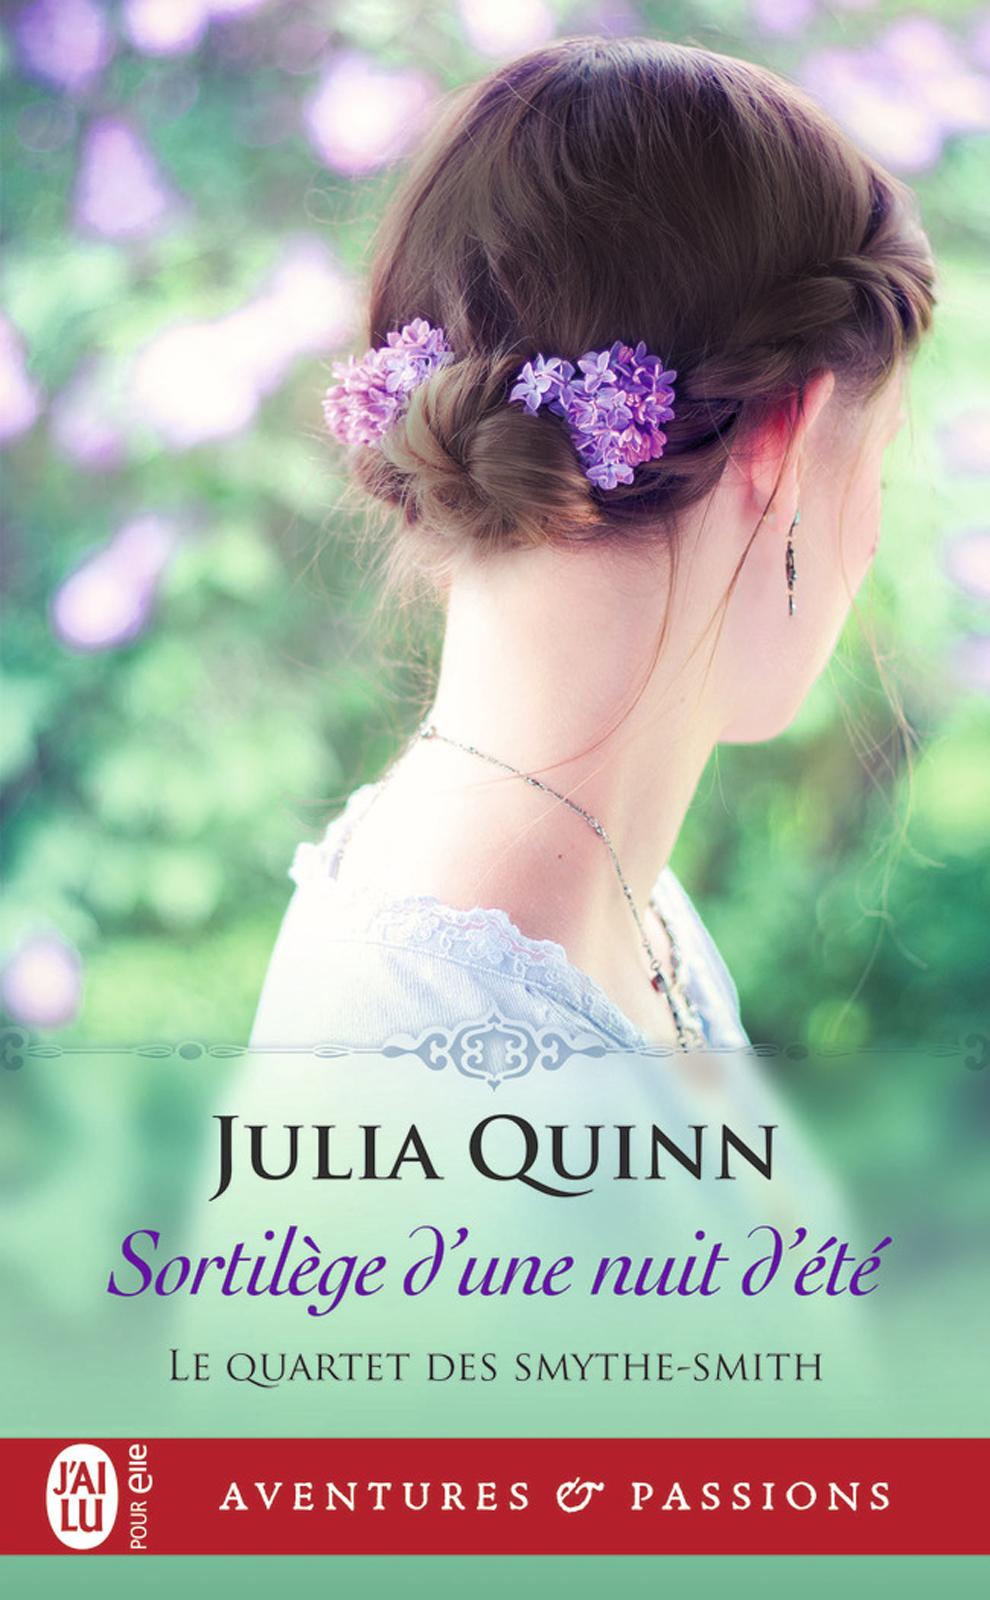 Le quartet des Smythe-Smith (Tome 2) - Sortilège d'une nuit d'été